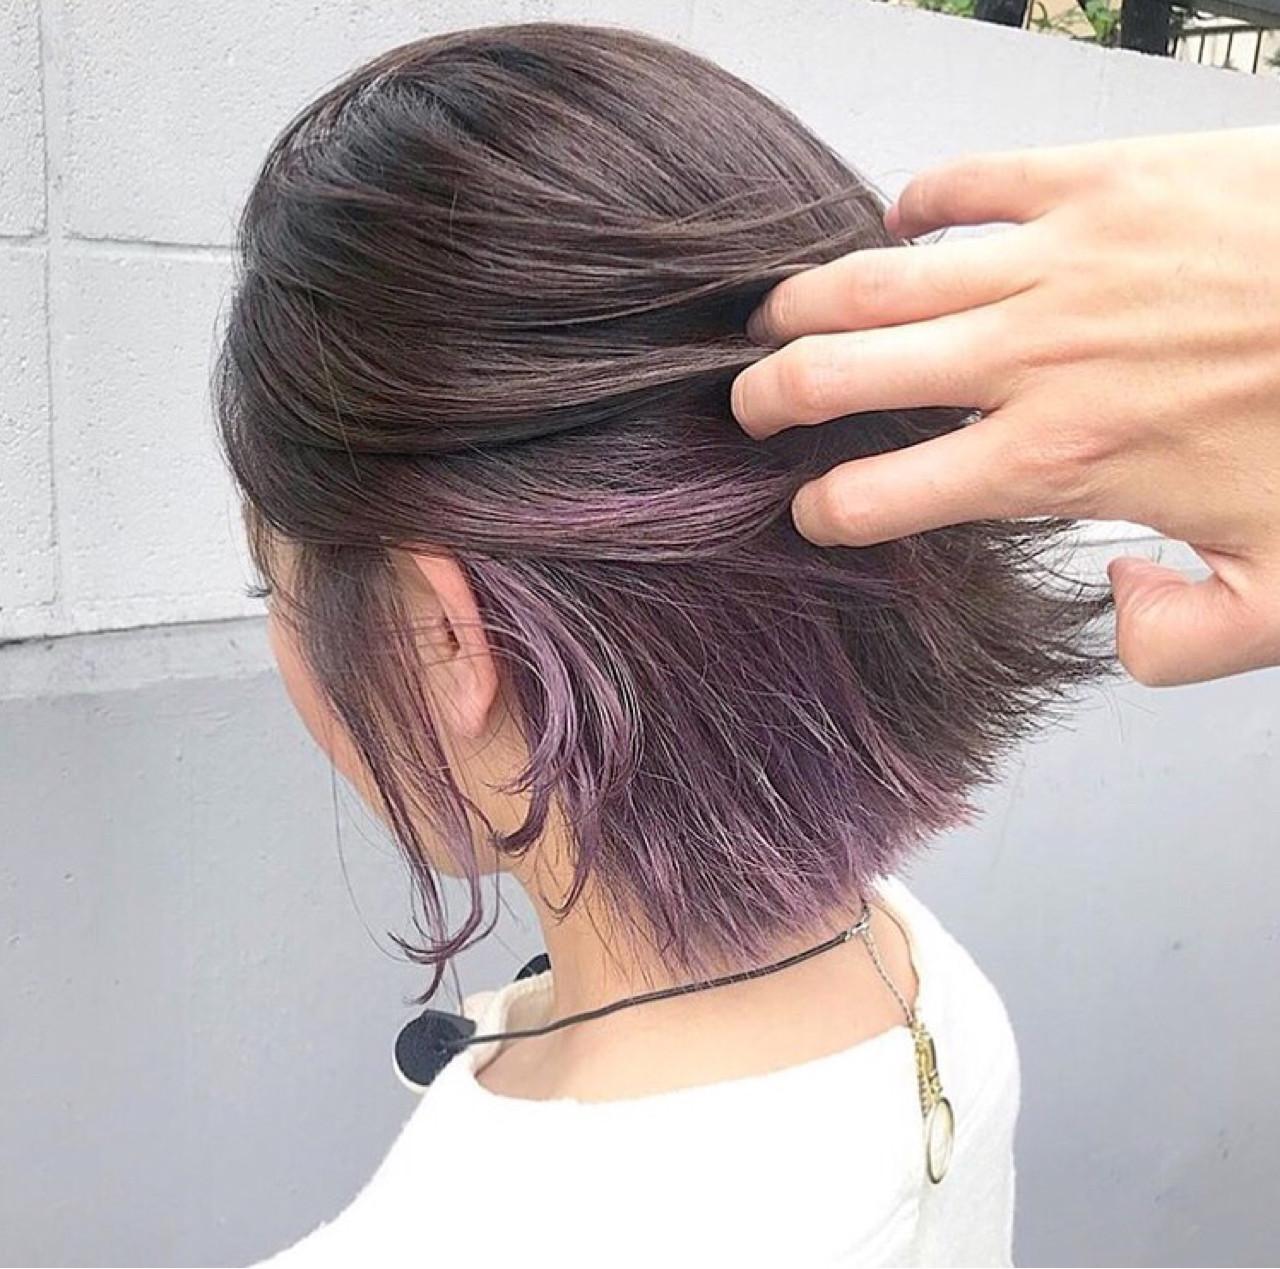 成人式 簡単ヘアアレンジ ヘアアレンジ 透明感 ヘアスタイルや髪型の写真・画像 | 落合 健二 / hair ales